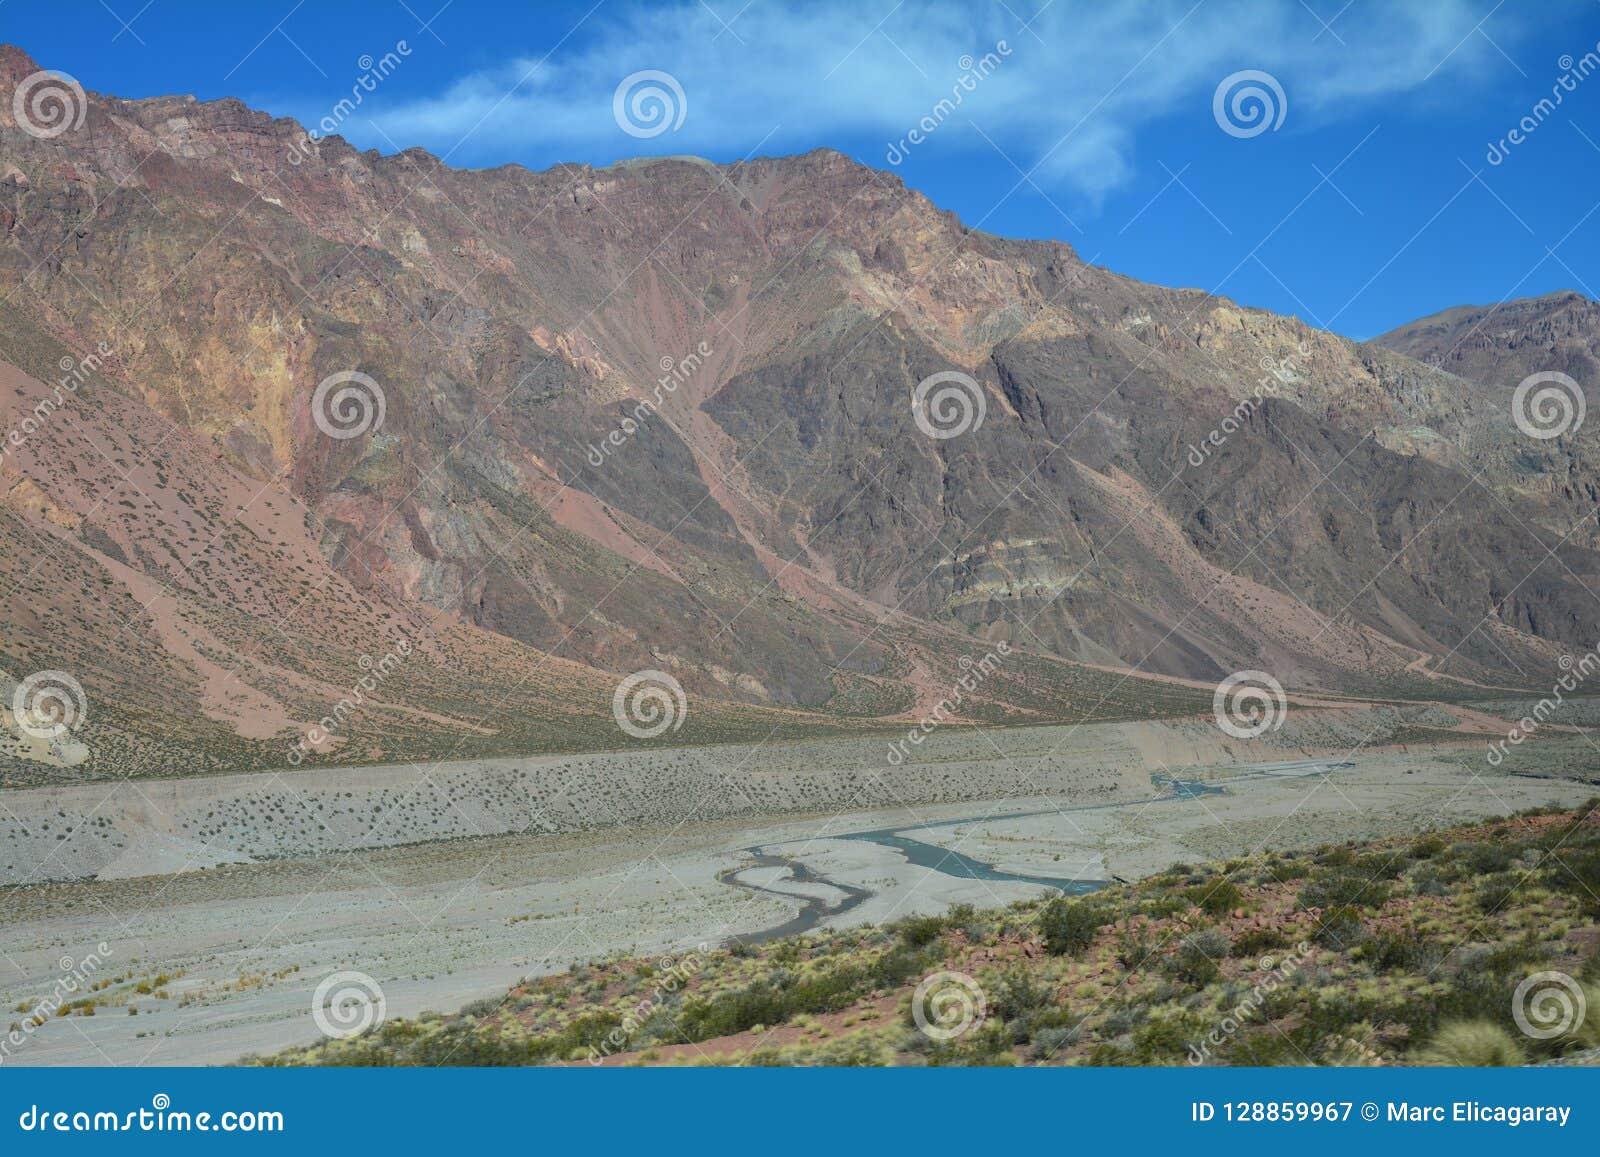 Φυσικός δρόμος στα βουνά των Άνδεων μεταξύ της Χιλής και της Αργεντινής